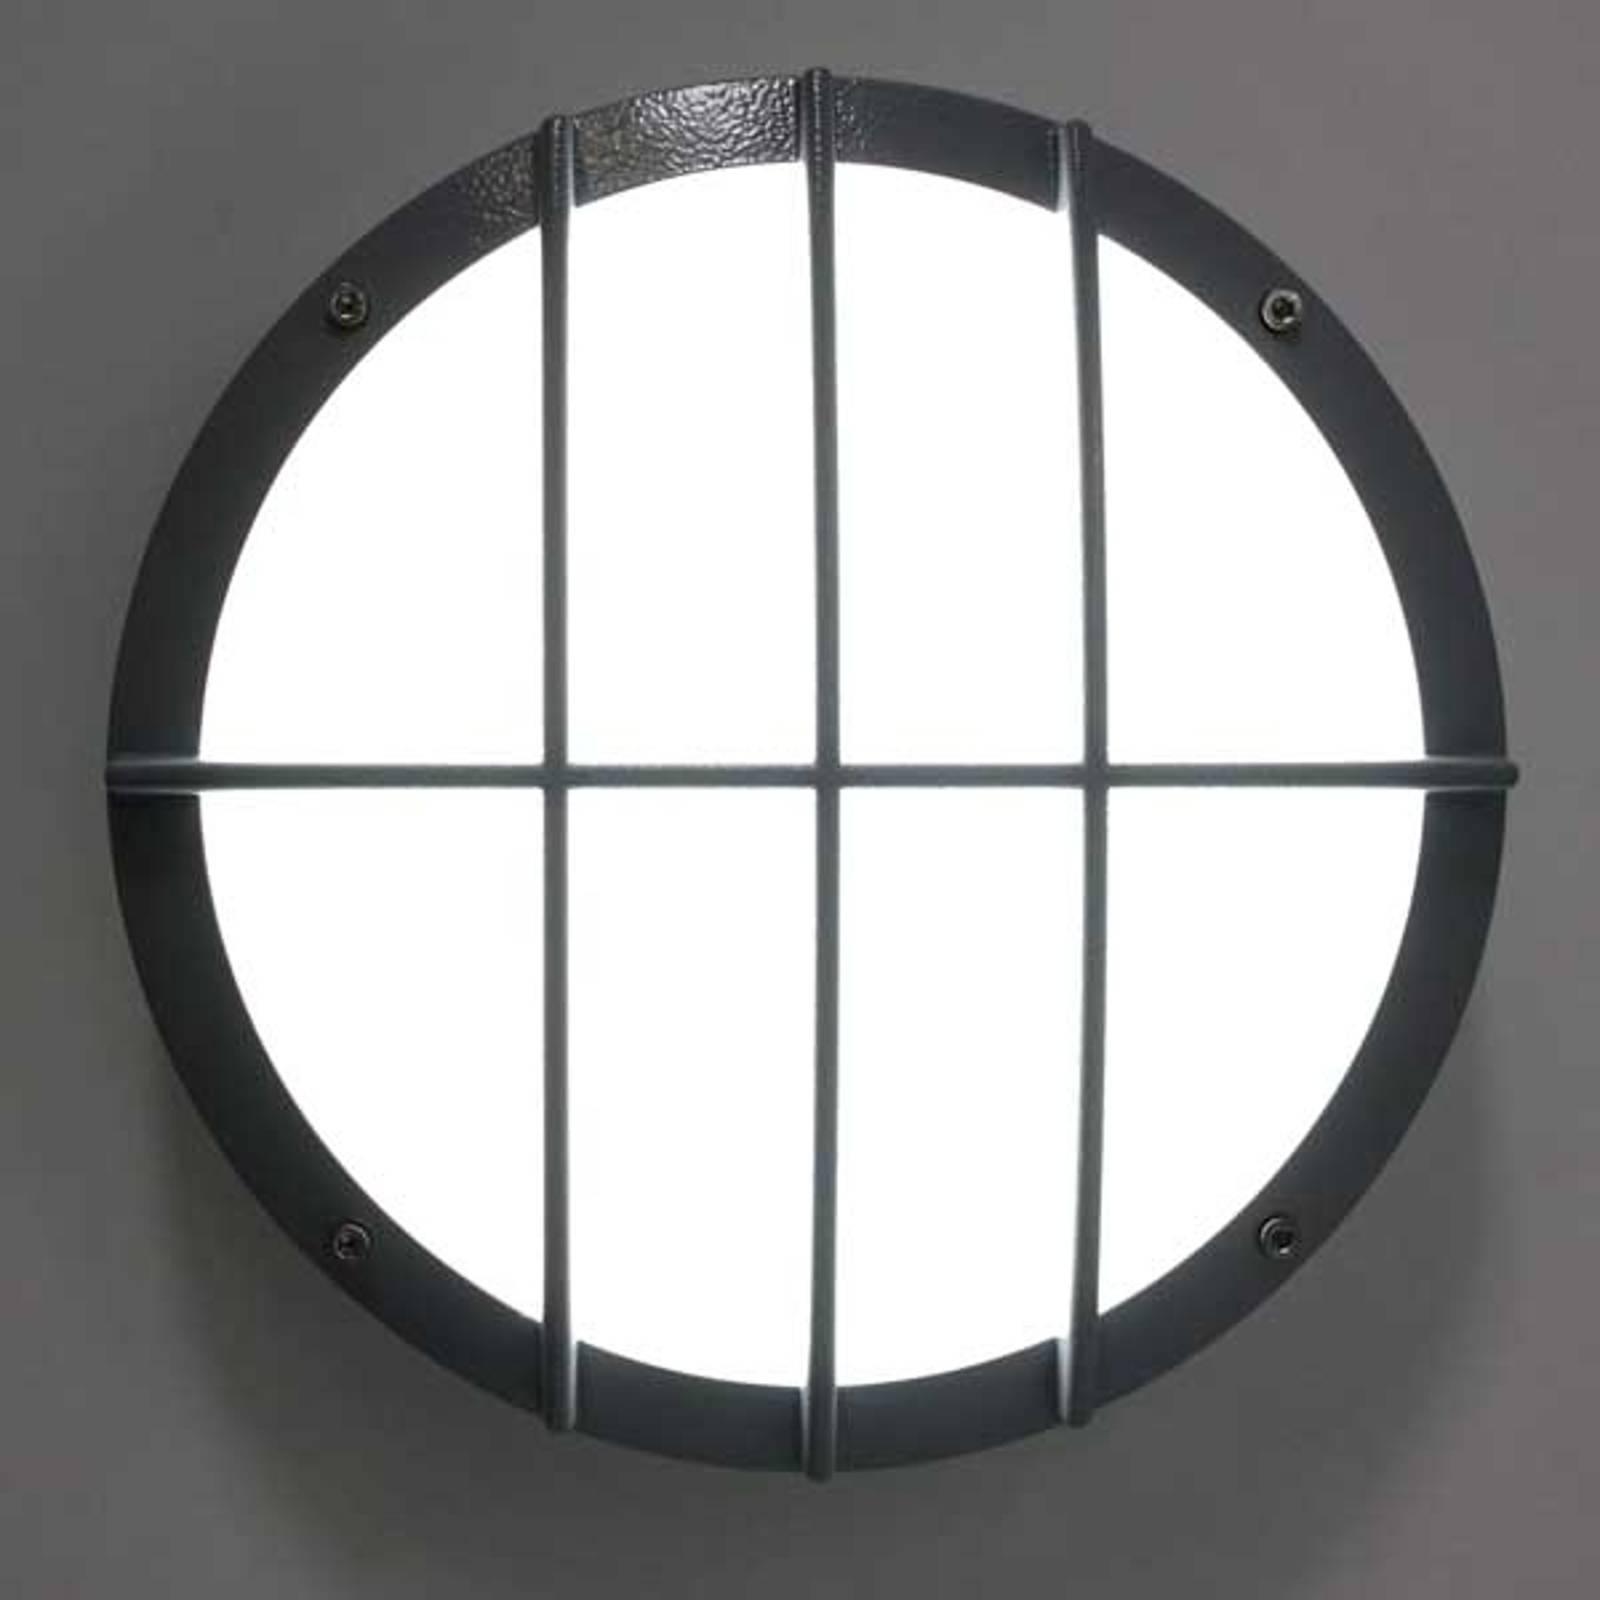 LED-seinävalaisin SUN 8, 8 W 3 K alumiinipainevalu